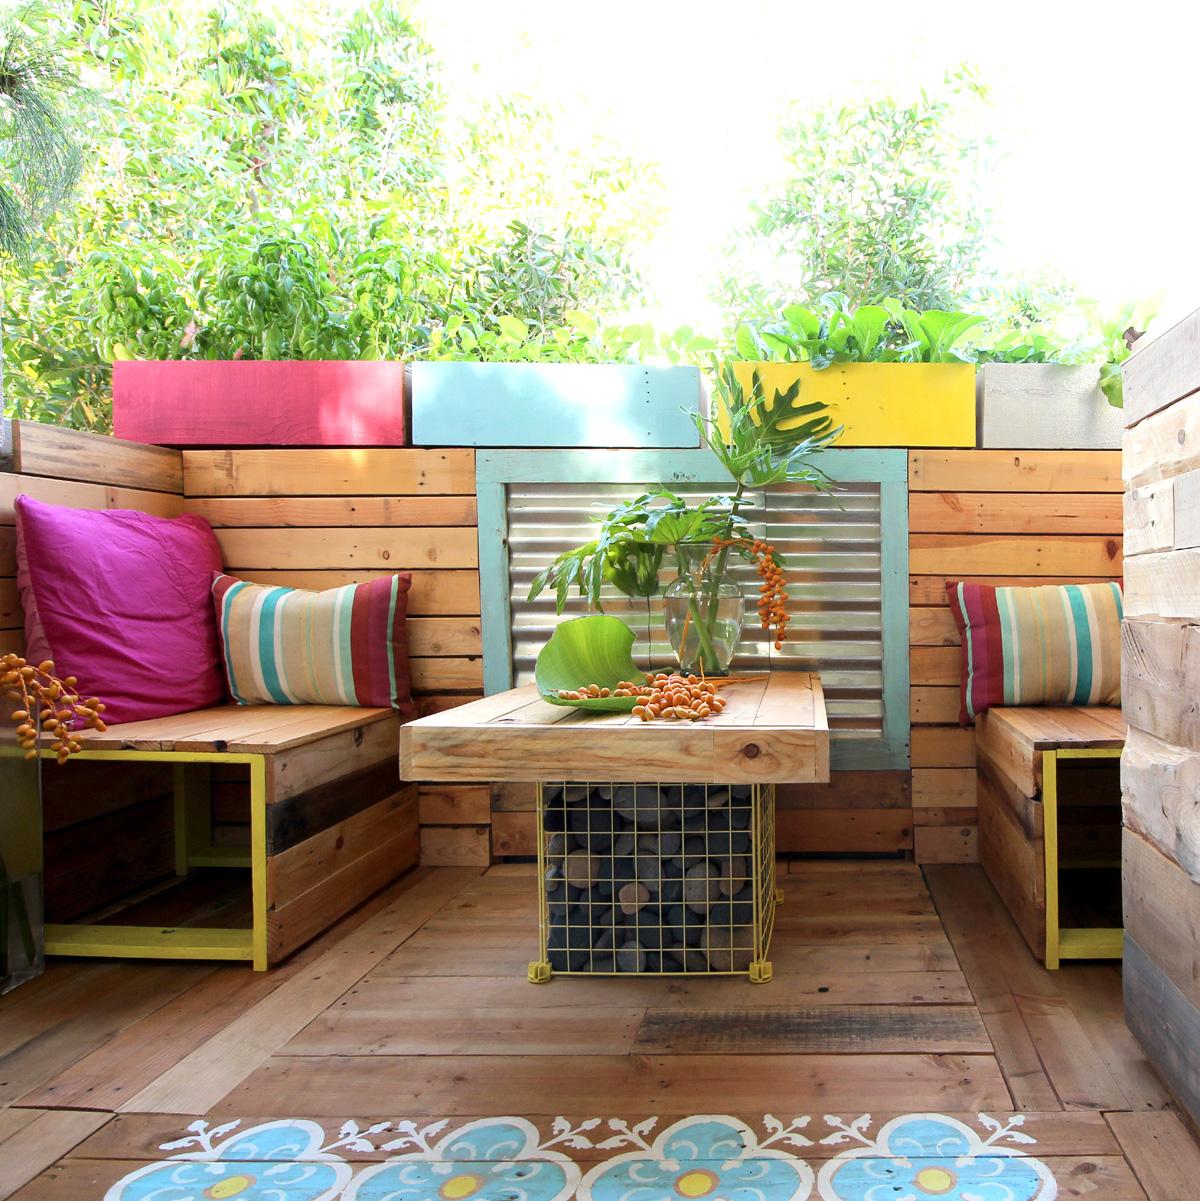 Abbellire il terrazzo con oggetti riciclati: idee, foto e consigli utili